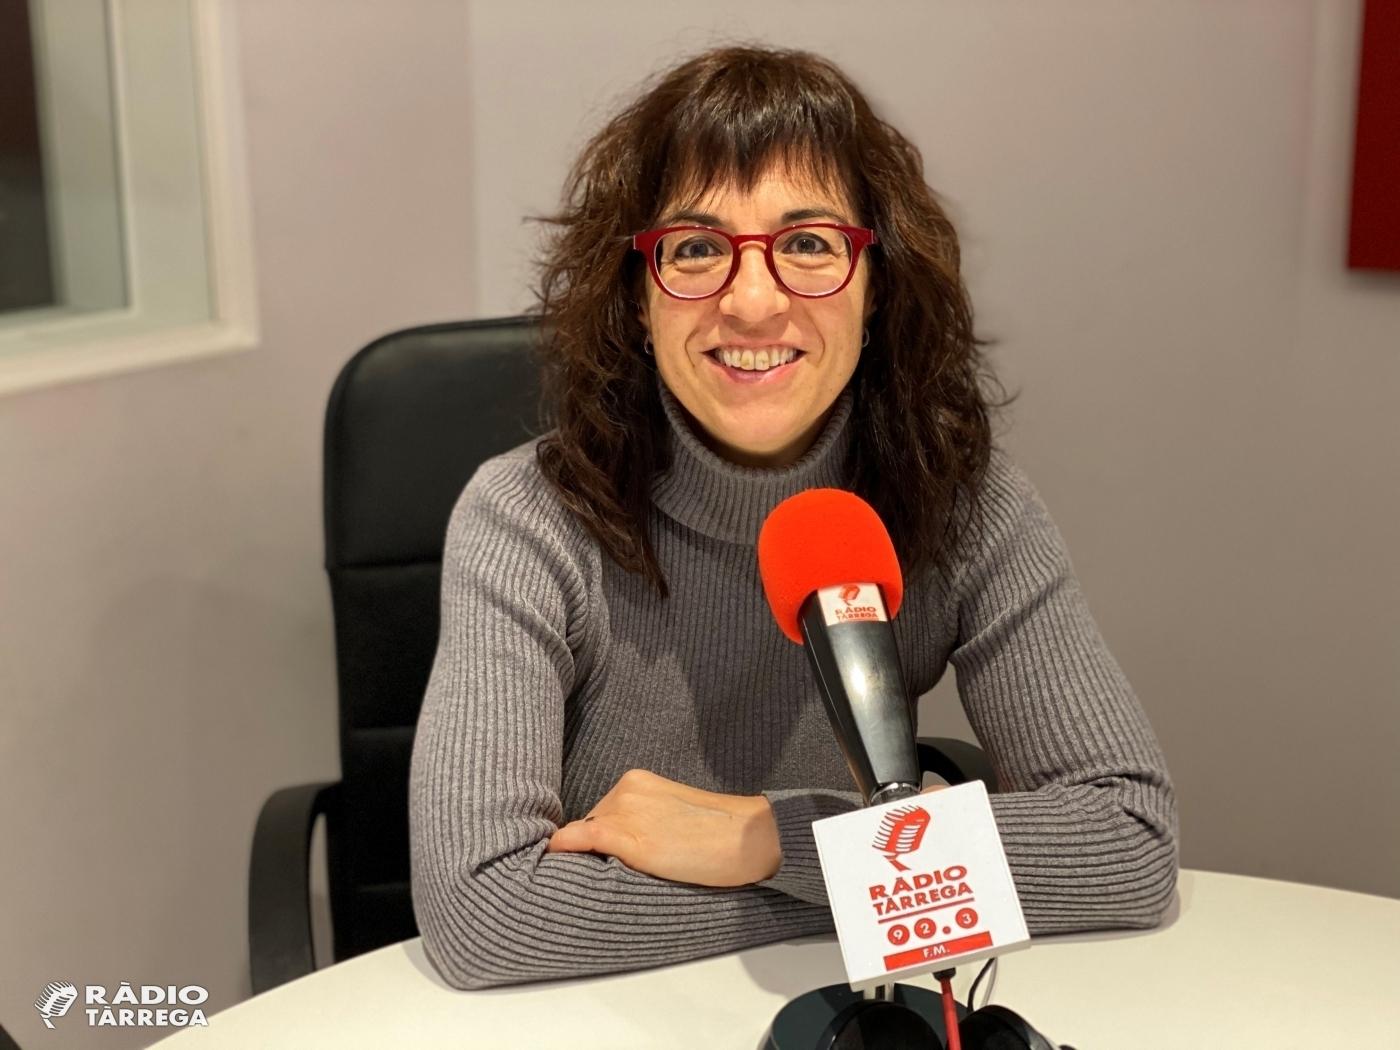 L'alcaldessa de Tàrrega Alba Pijuan Vallverdú mostra voluntat de continuar optant a governar Tàrrega en les eleccions del 2023